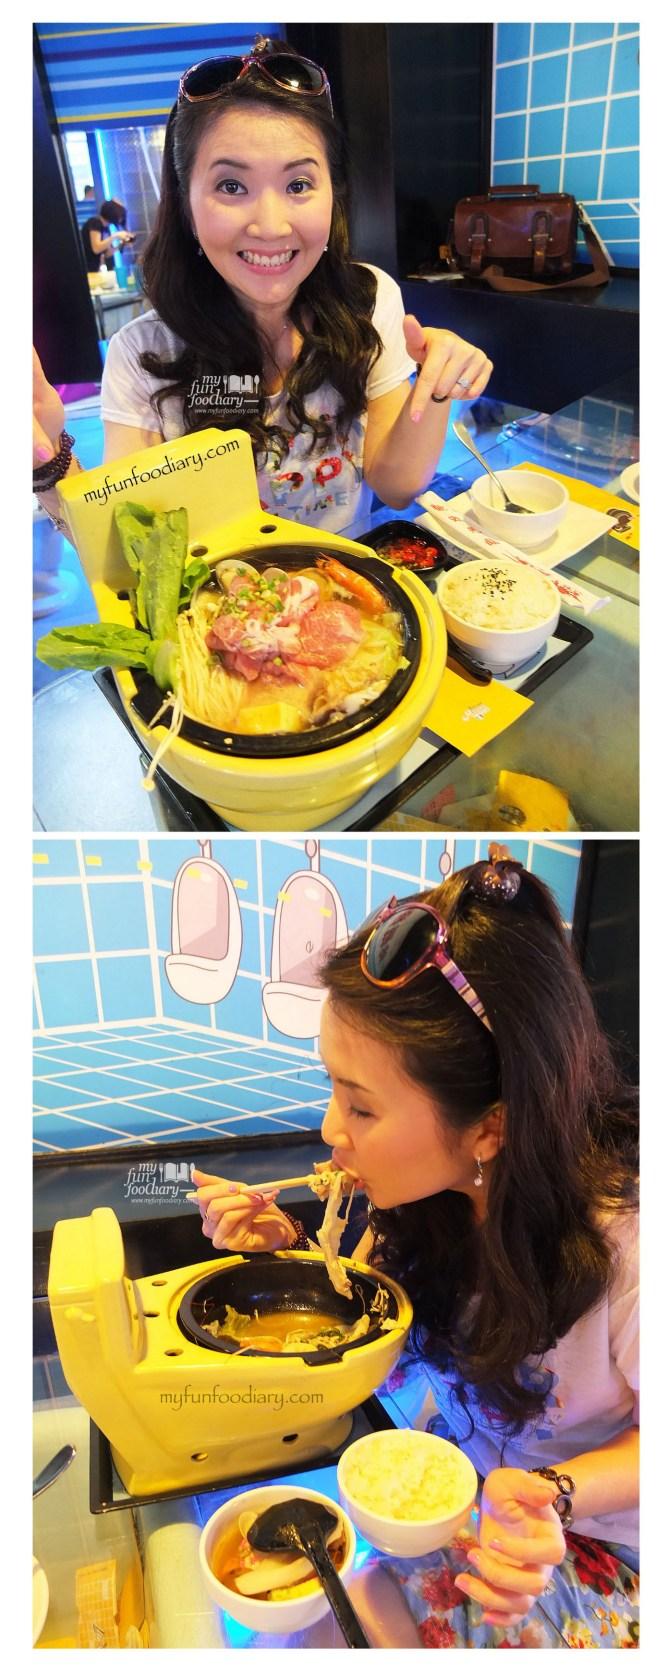 Enjoying Yummy Signature Modern Hot Pot at Modern Toilet Cafe Taiwan - by Myfunfoodiary